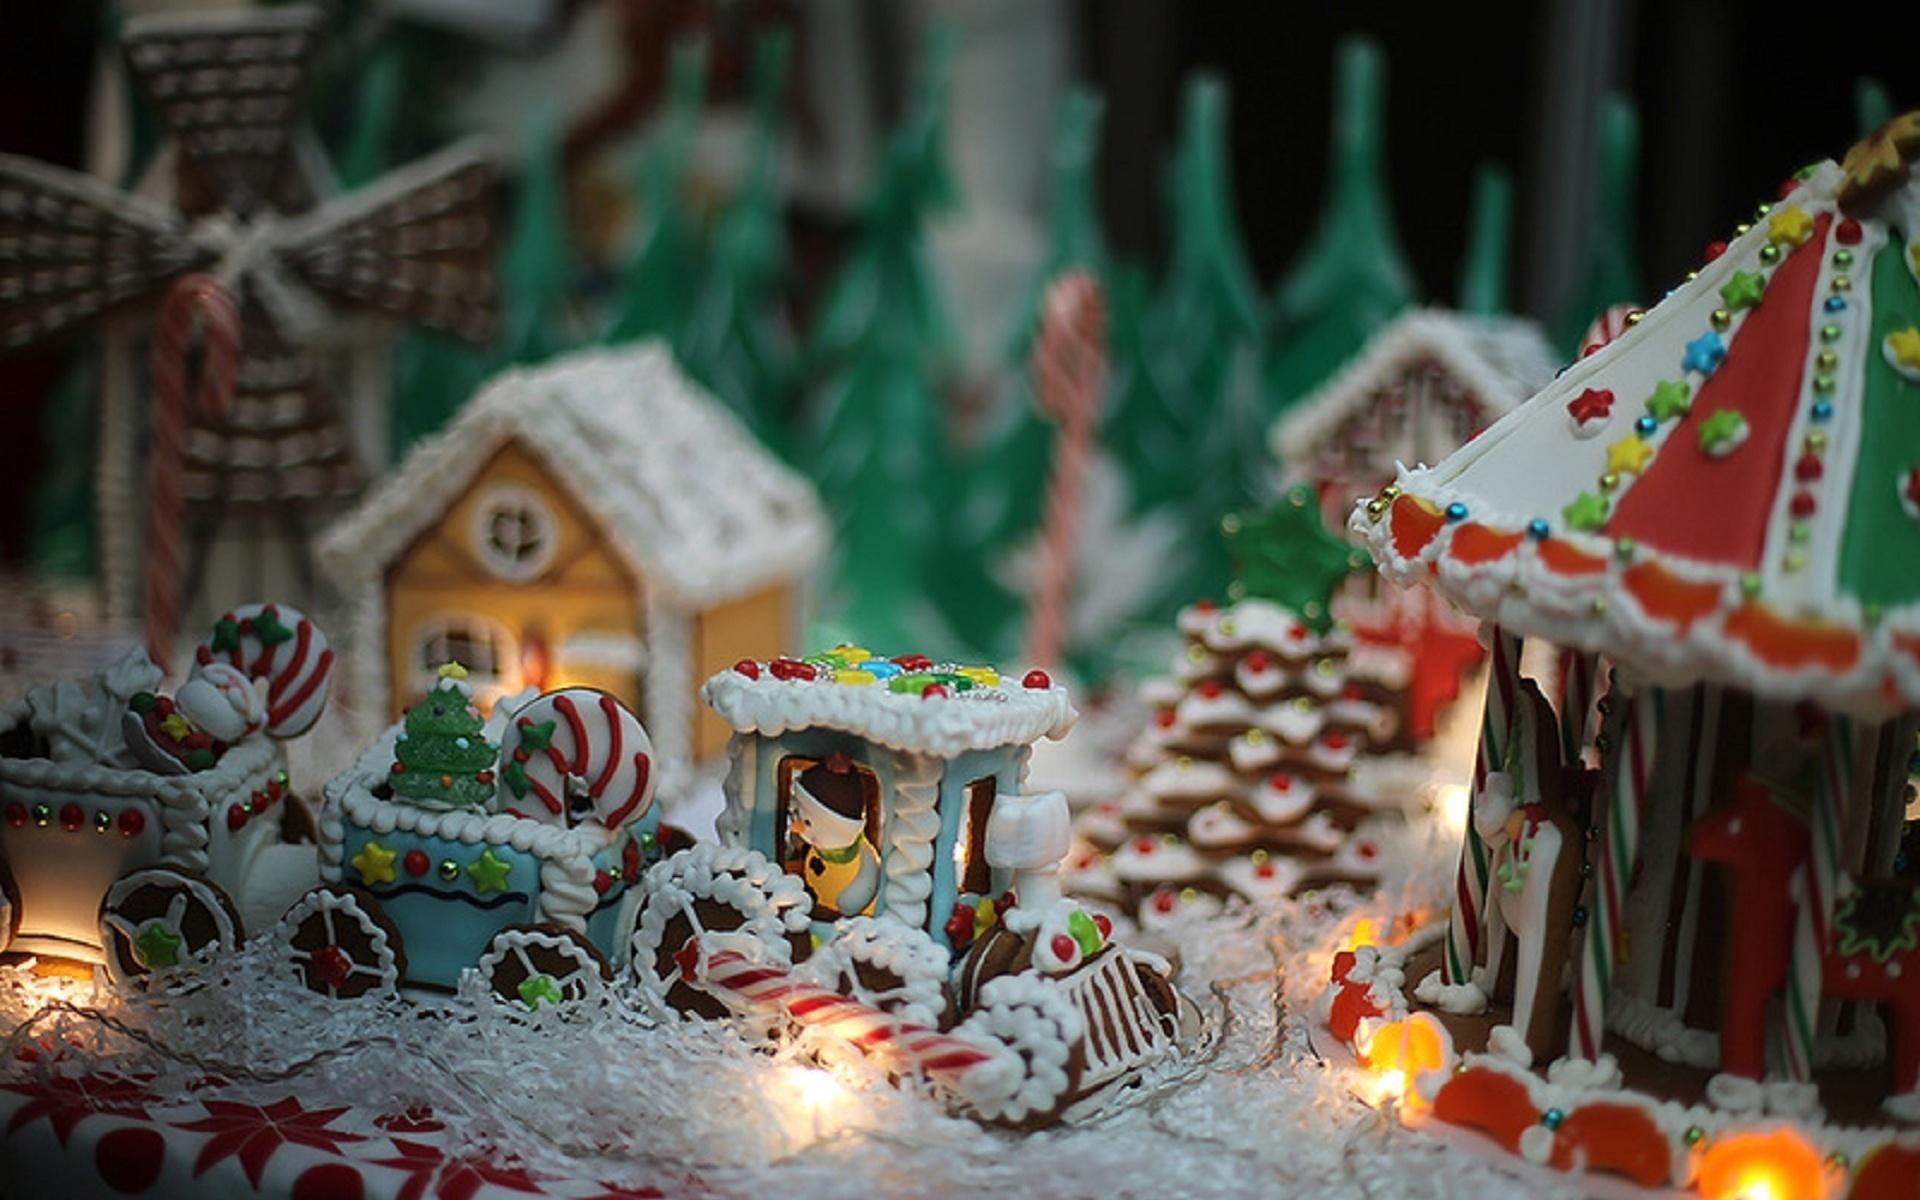 волшебные сладости, крем, печенье, новый год, сладости